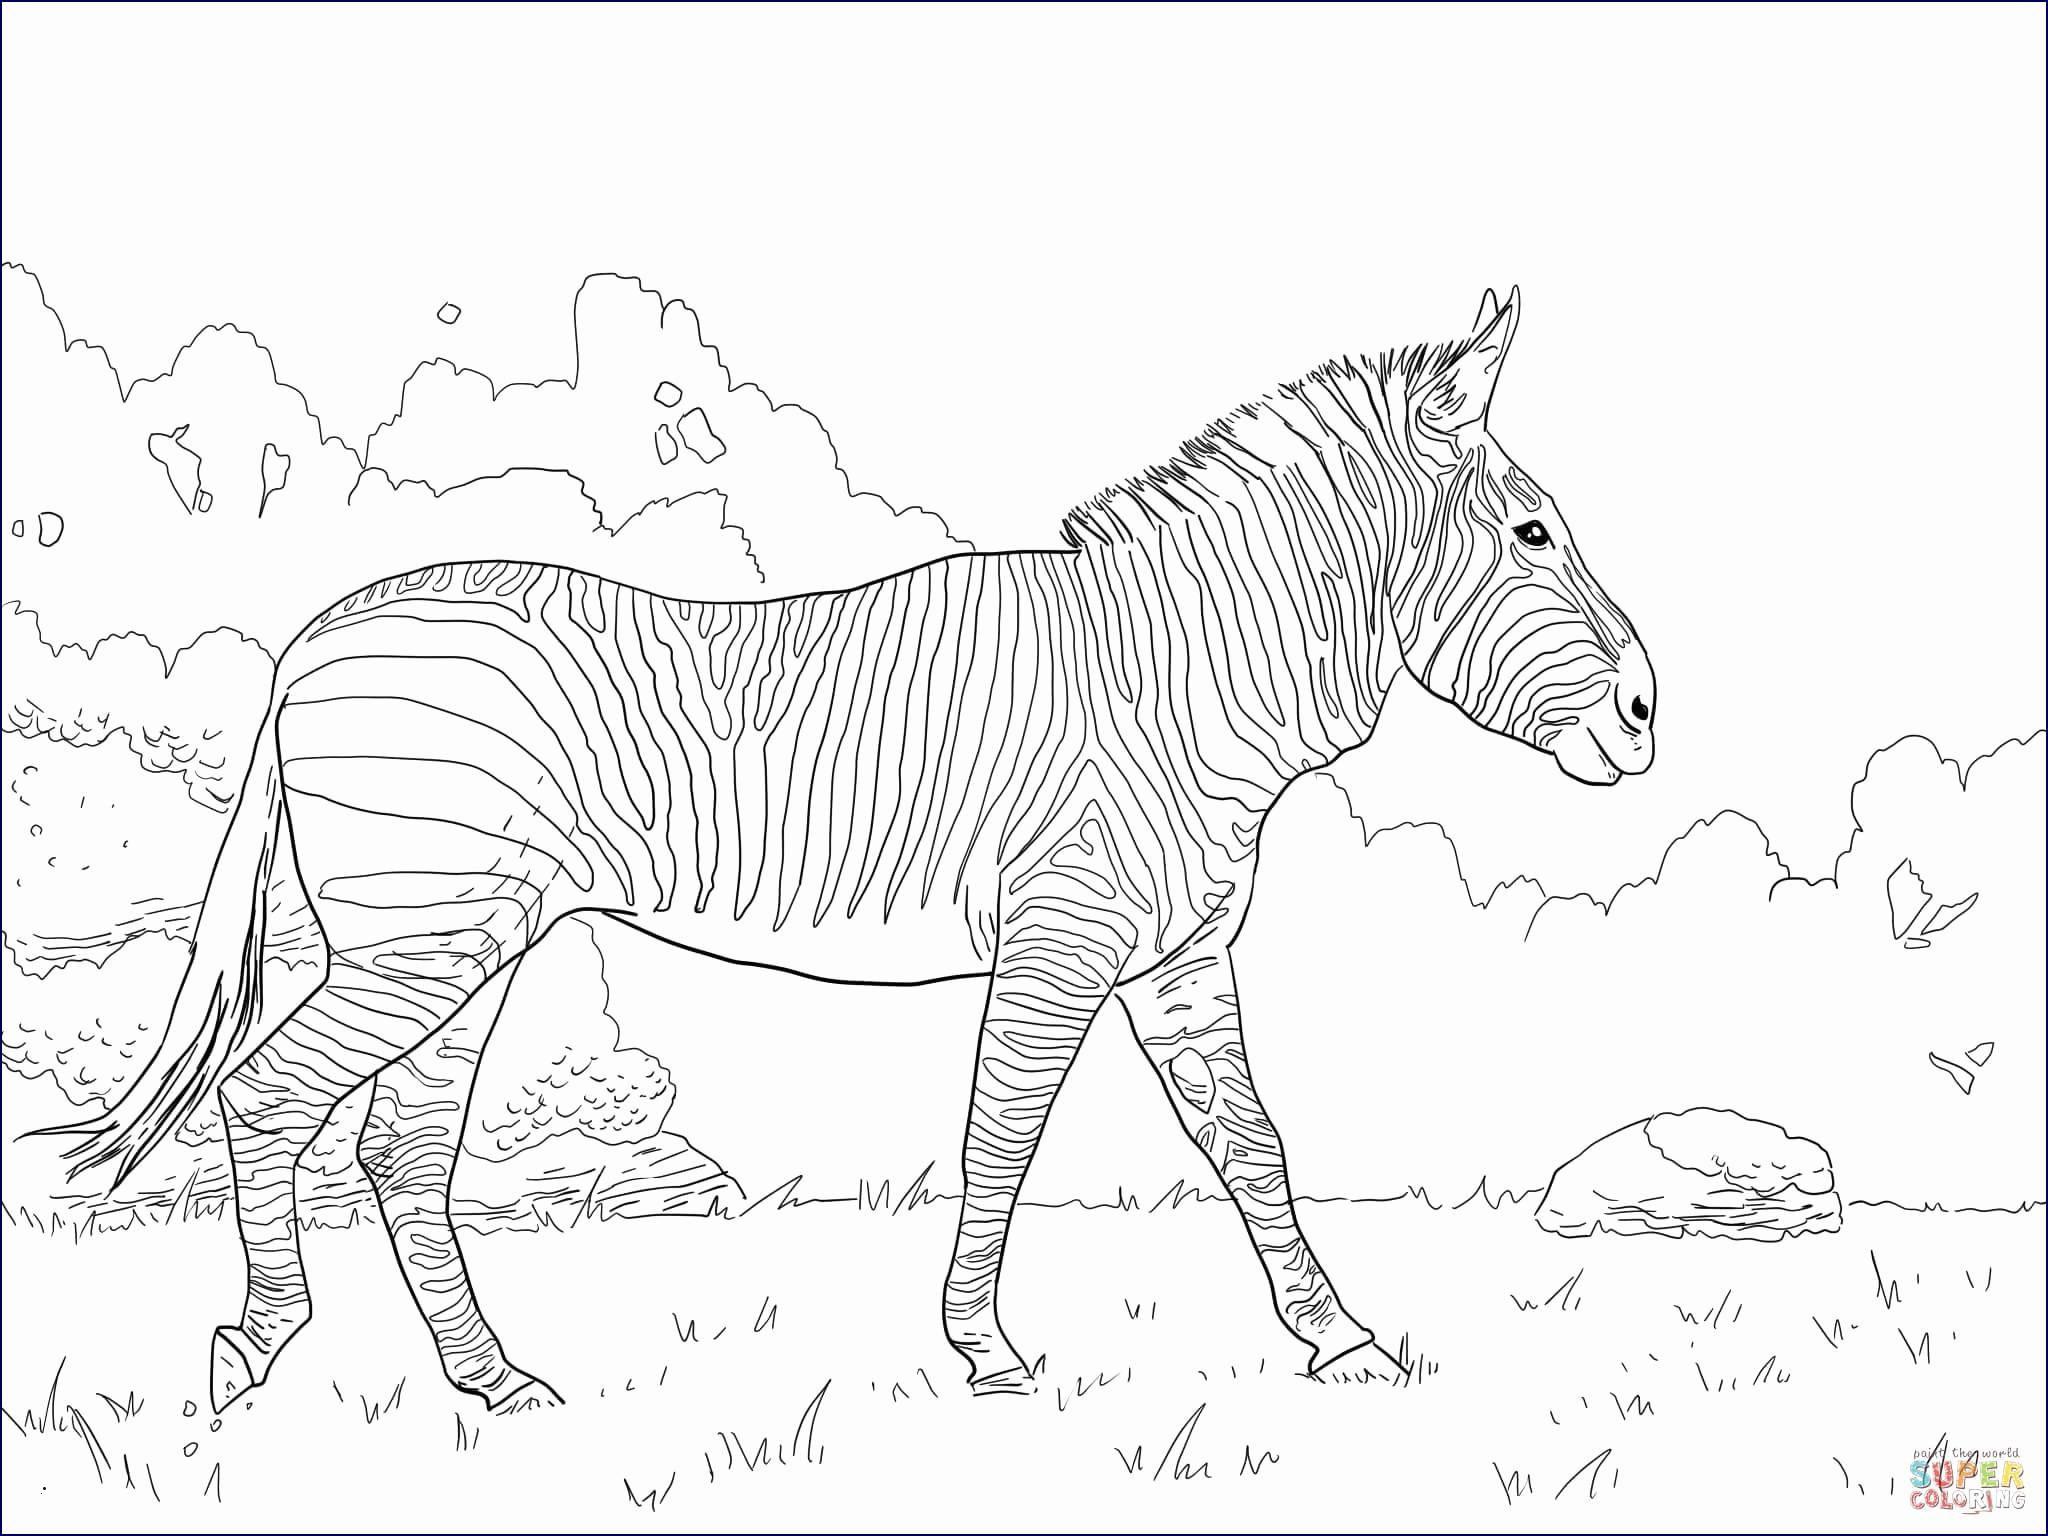 Einhorn Bilder Zum Ausmalen Genial 40 Pegasus Ausmalbilder Zum Ausdrucken Scoredatscore Inspirierend Bild